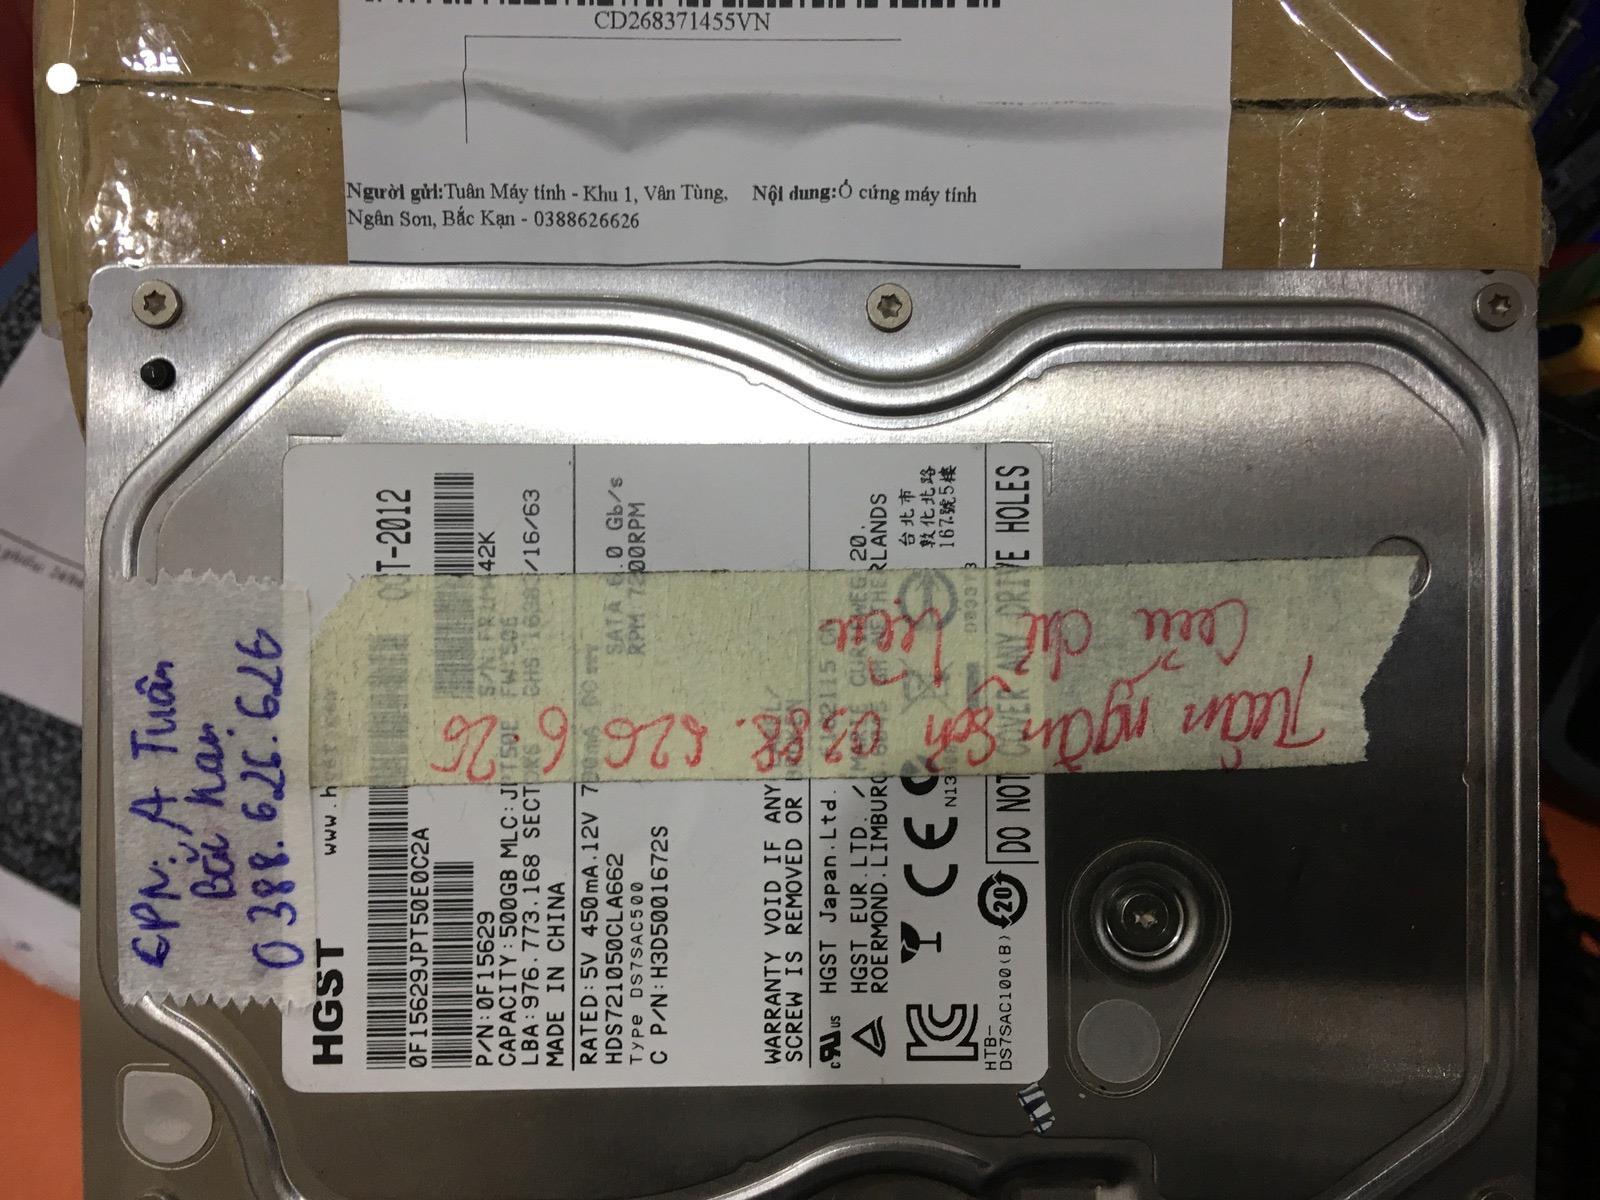 Khôi phục dữ liệu ổ cứng HGST 500GB bad tại Bắc Kạn 15/05/2020 - cuumaytinh